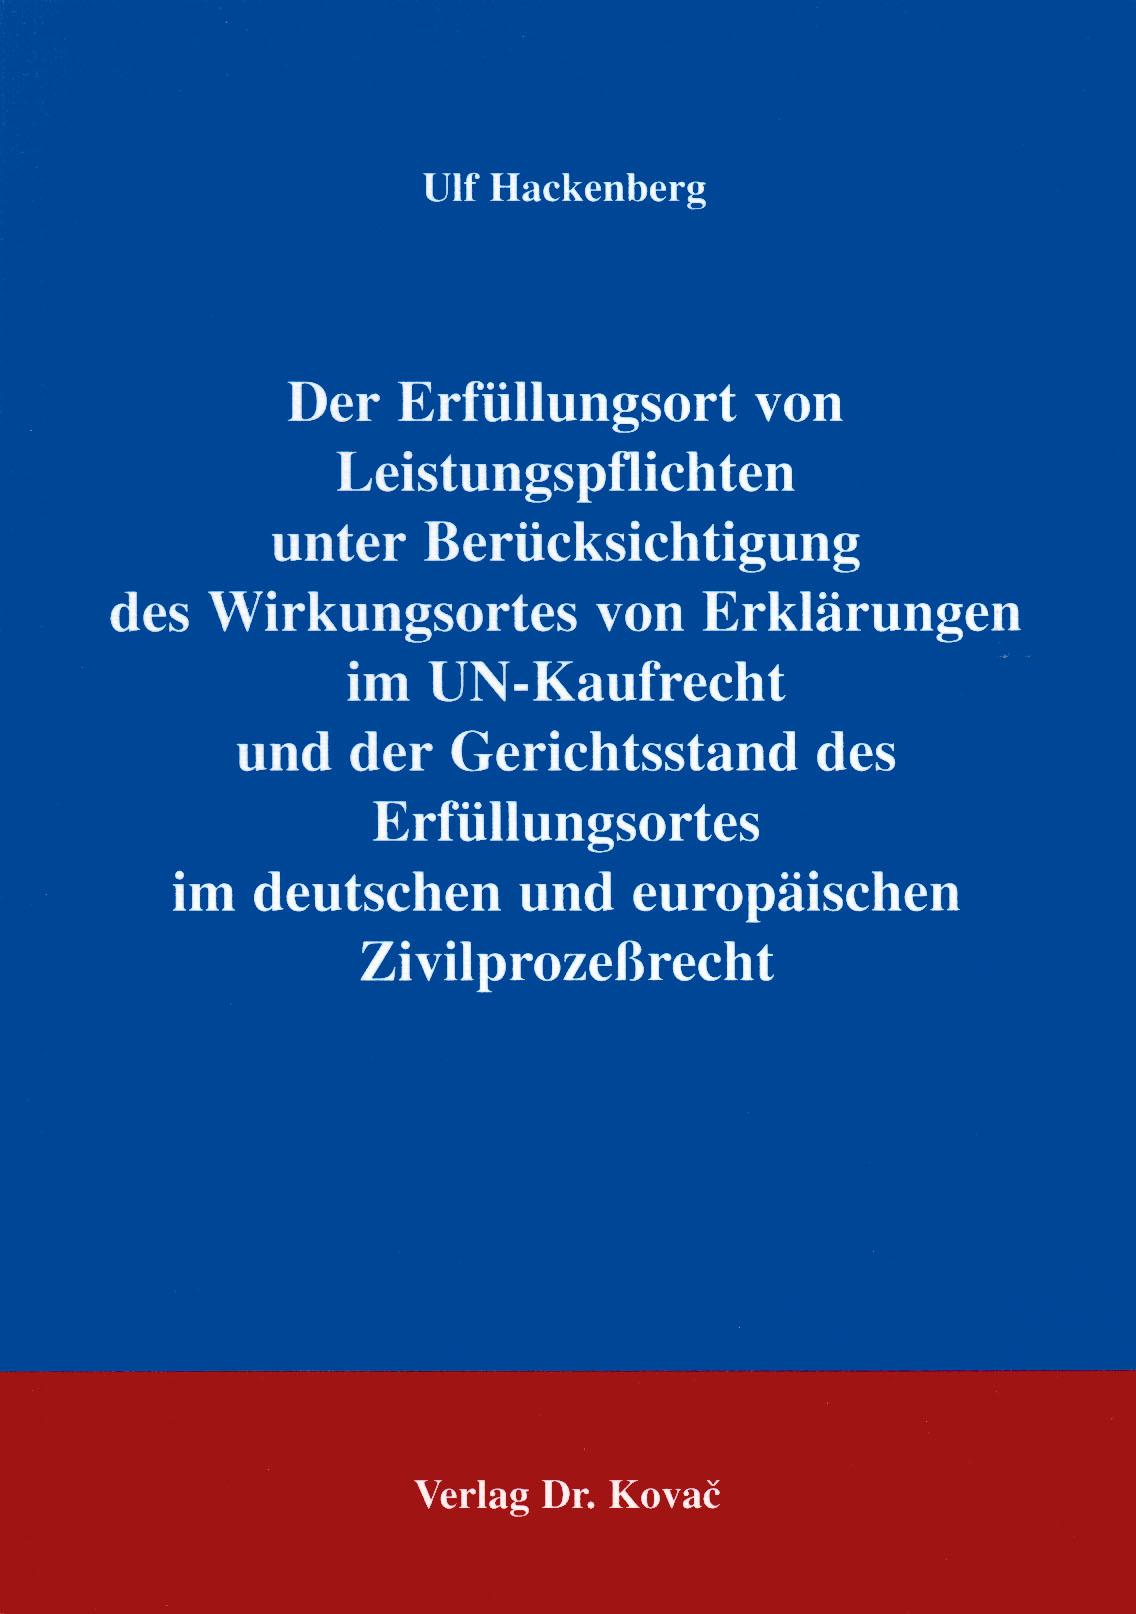 Cover: Der Erfüllungsort von Leistungspflichten unter Berücksichtigung des Wirkungsortes von Erklärungen im UN-Kaufrecht und der Gerichtsstand des Erfüllungsortes im deutschen und europäischen Zivilprozeßrecht